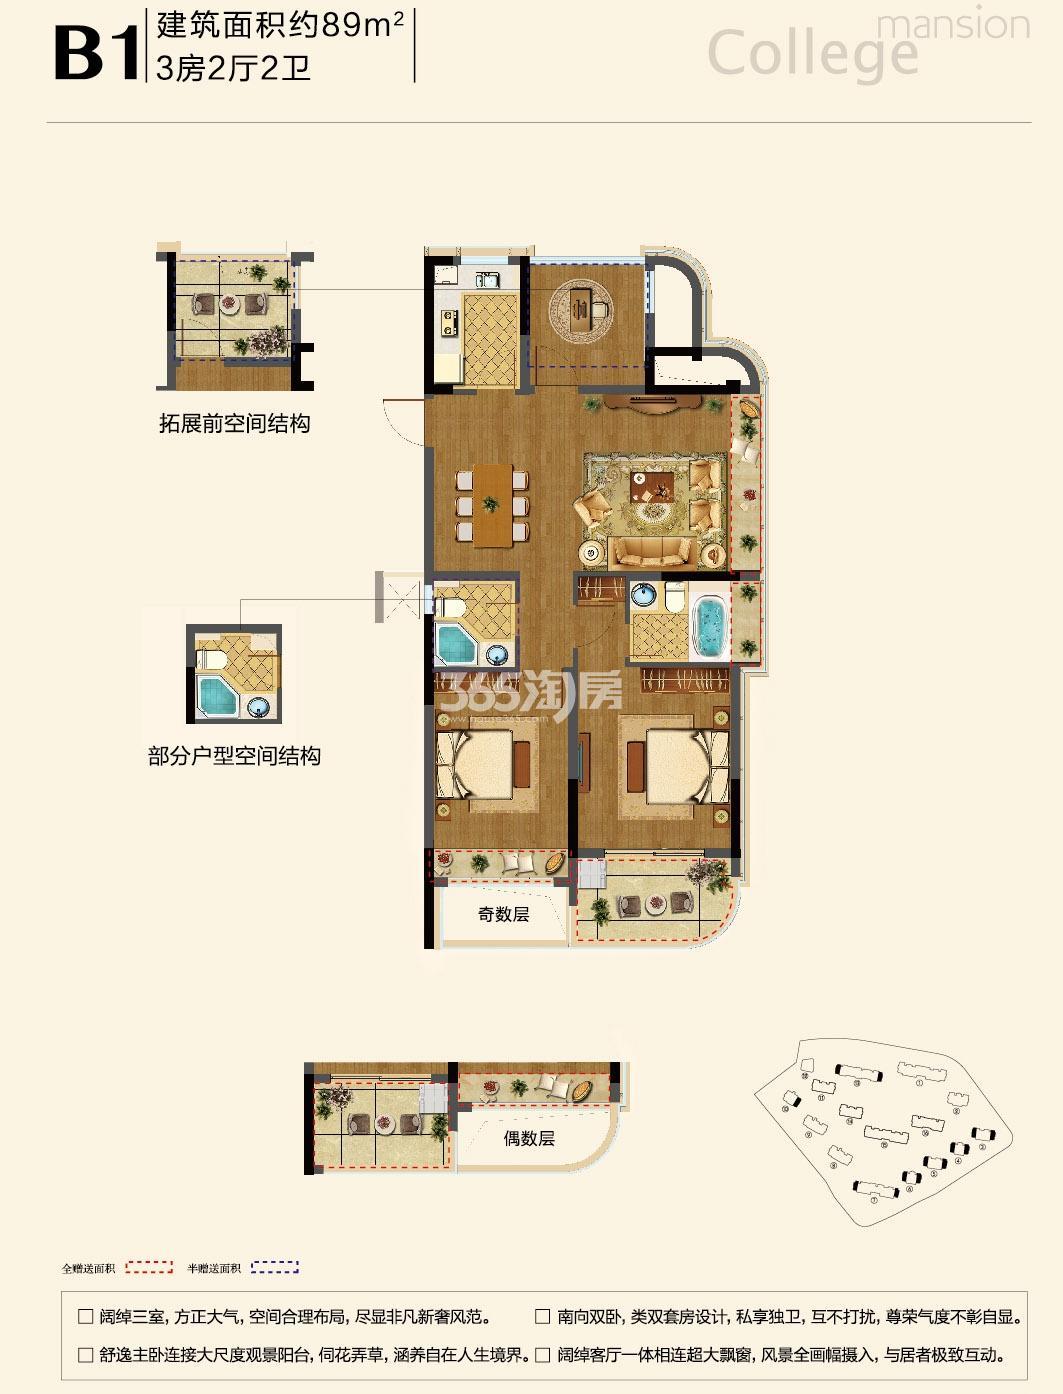 融信学院府项目3-7、10、13号楼边套 B1户型 89㎡